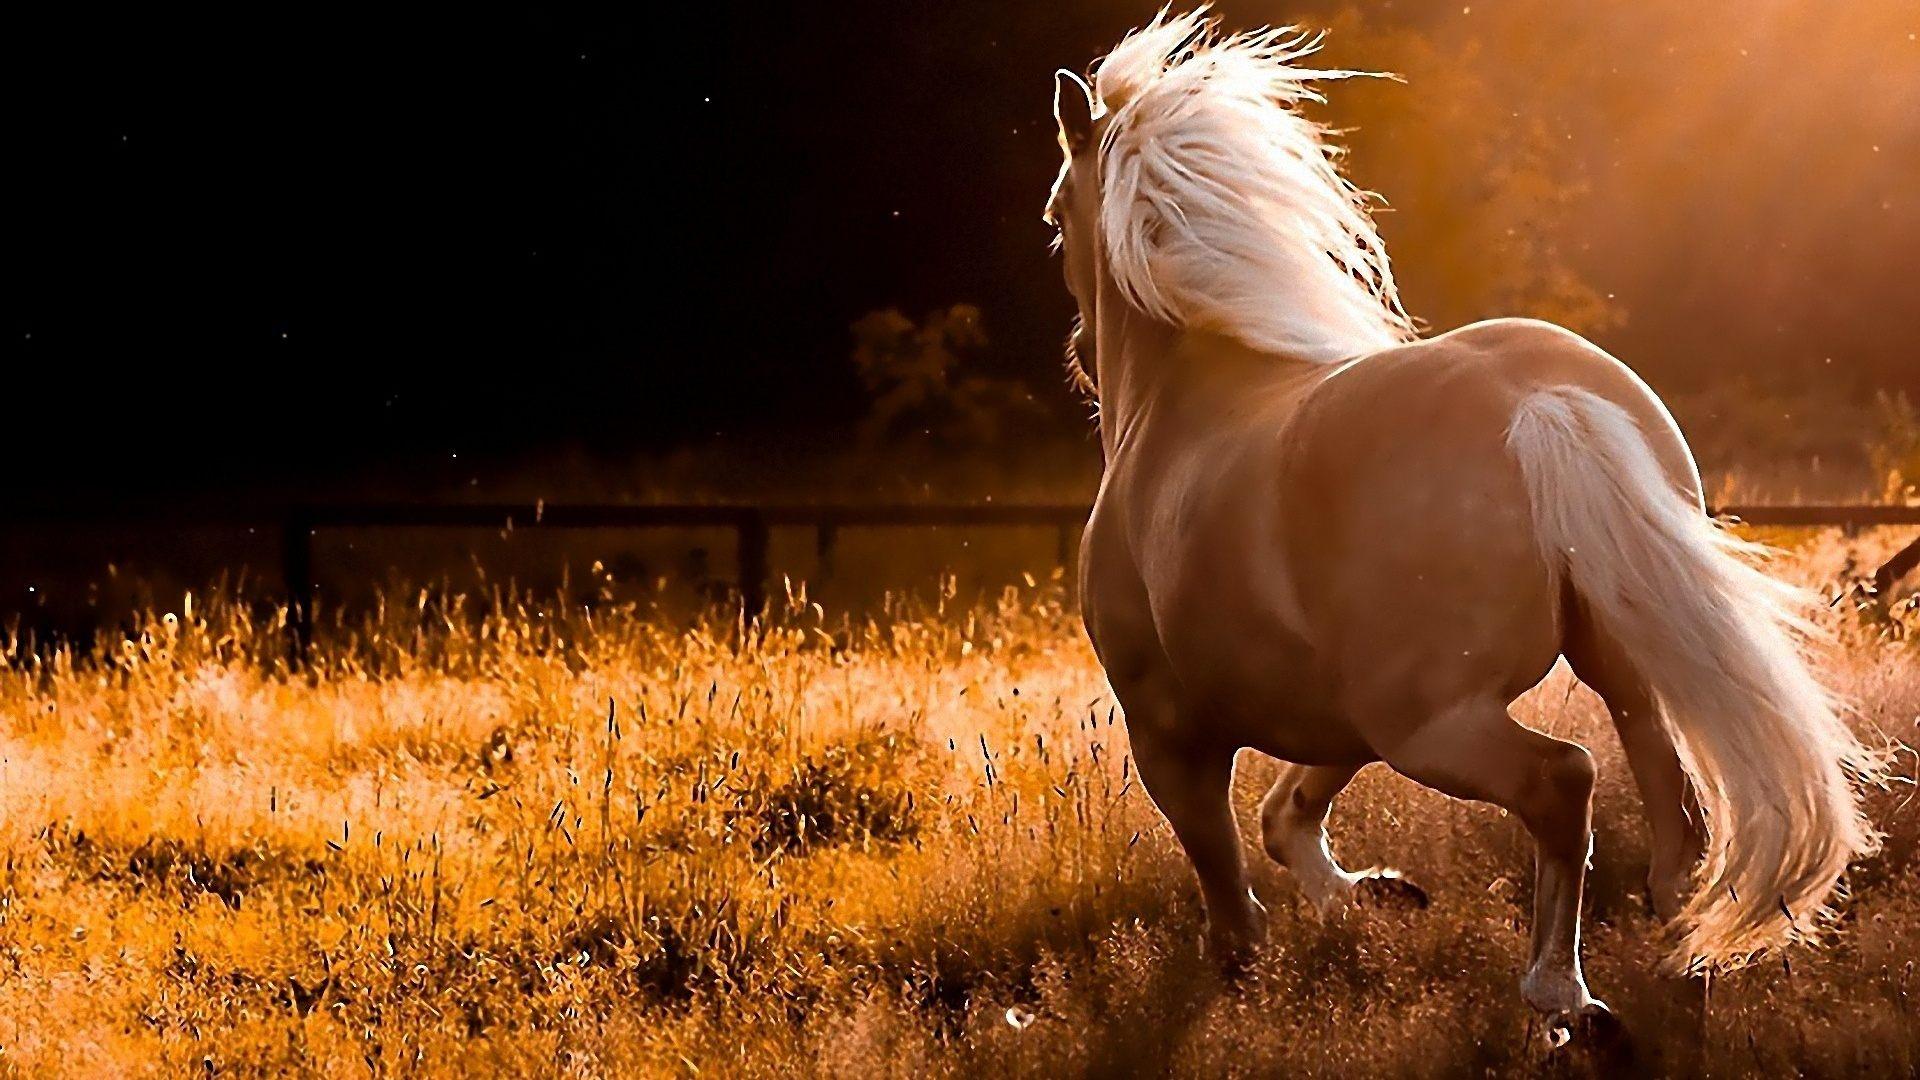 https://i0.wp.com/www.animais.info/1920x1080/fundos-de-cavalos.jpg